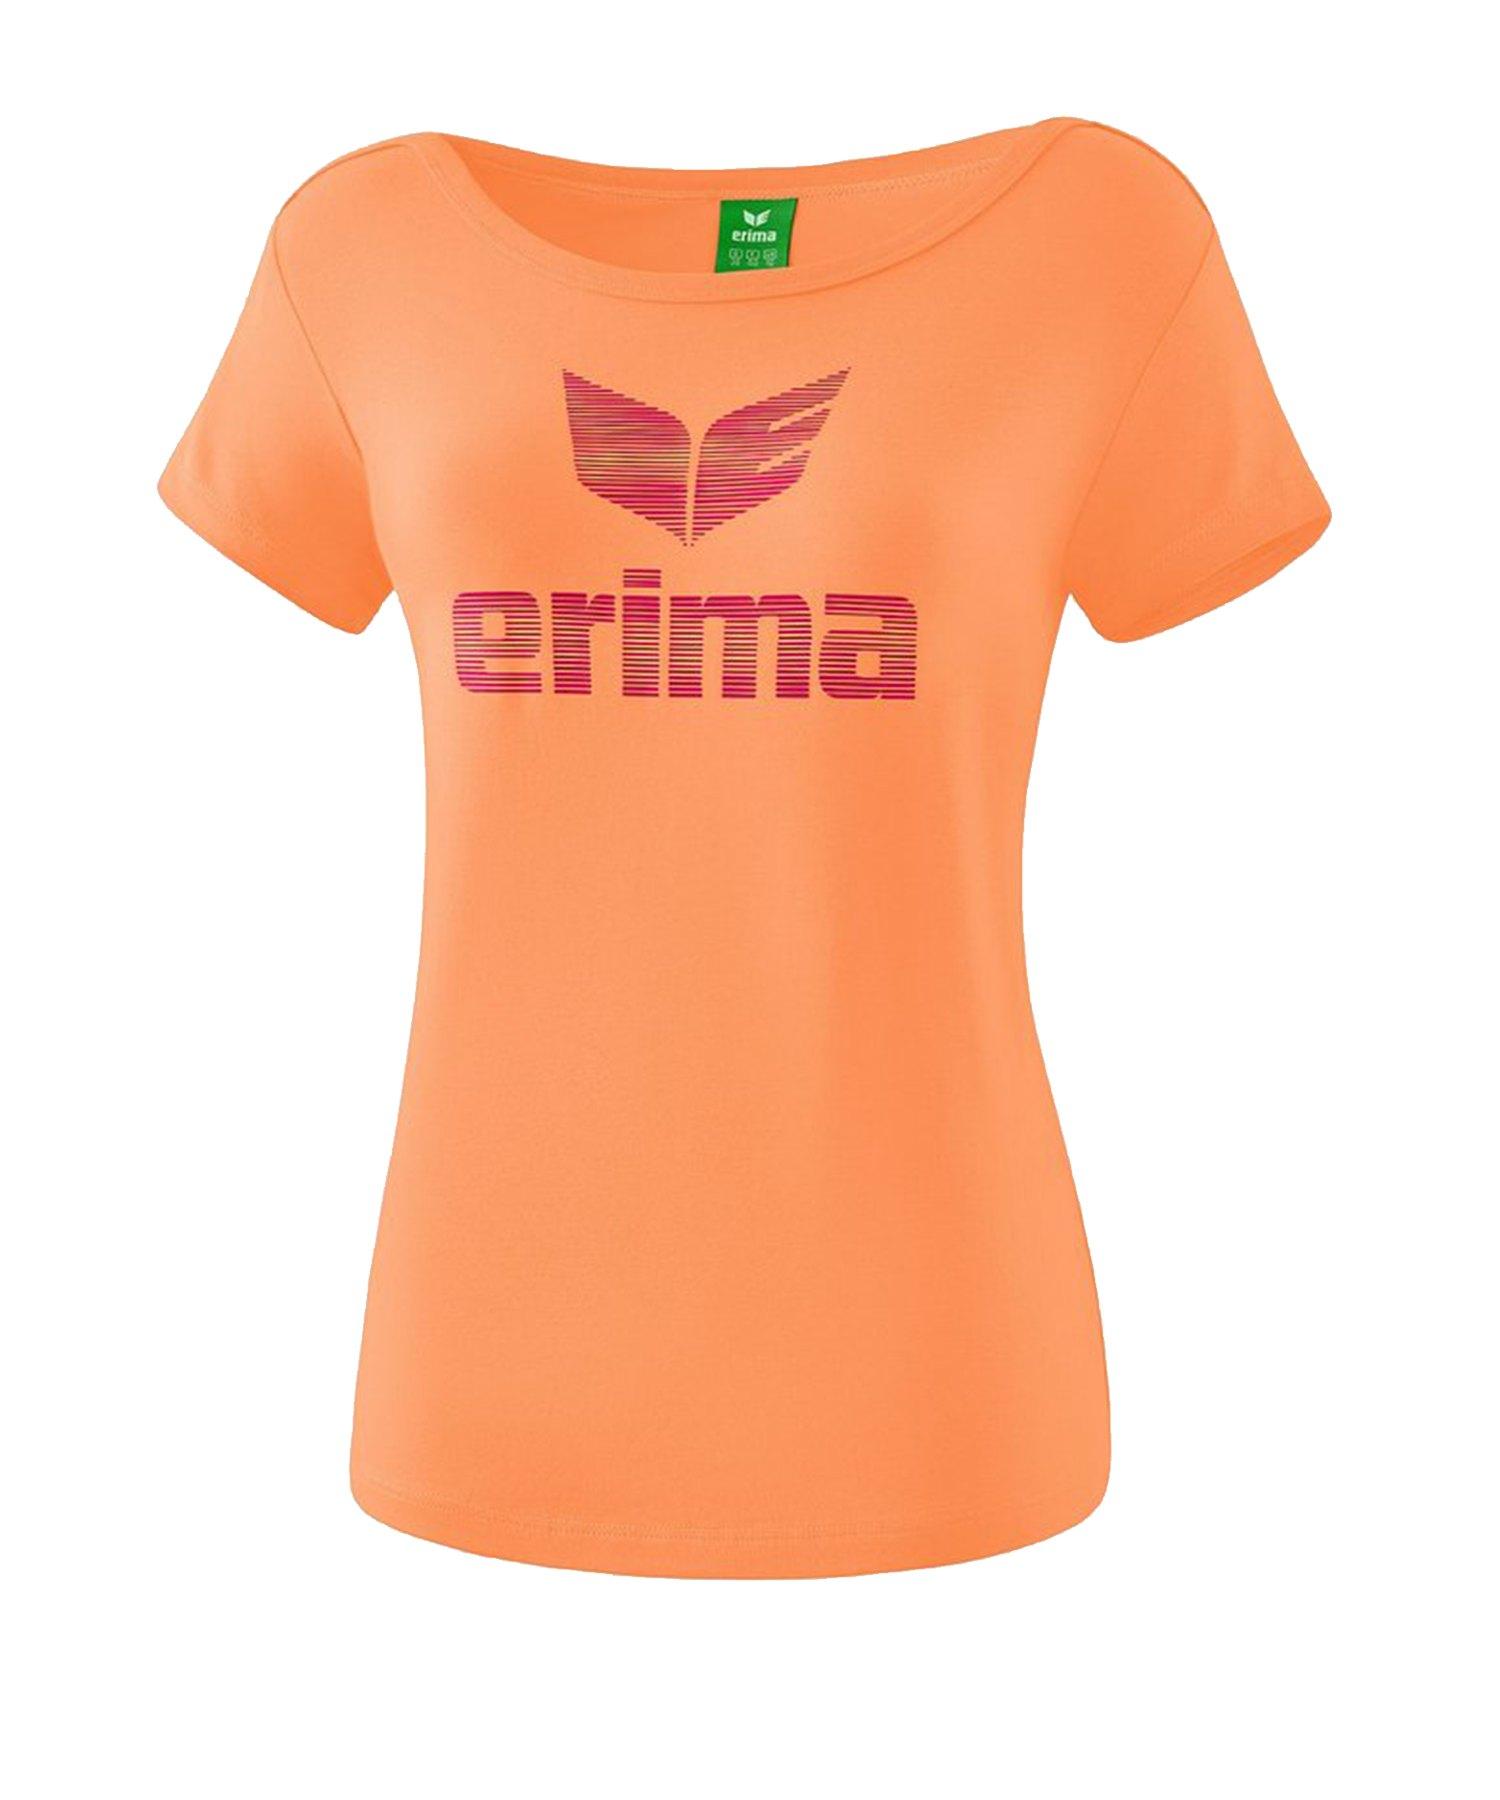 Erima Essential T-Shirt Kids Orange - Orange